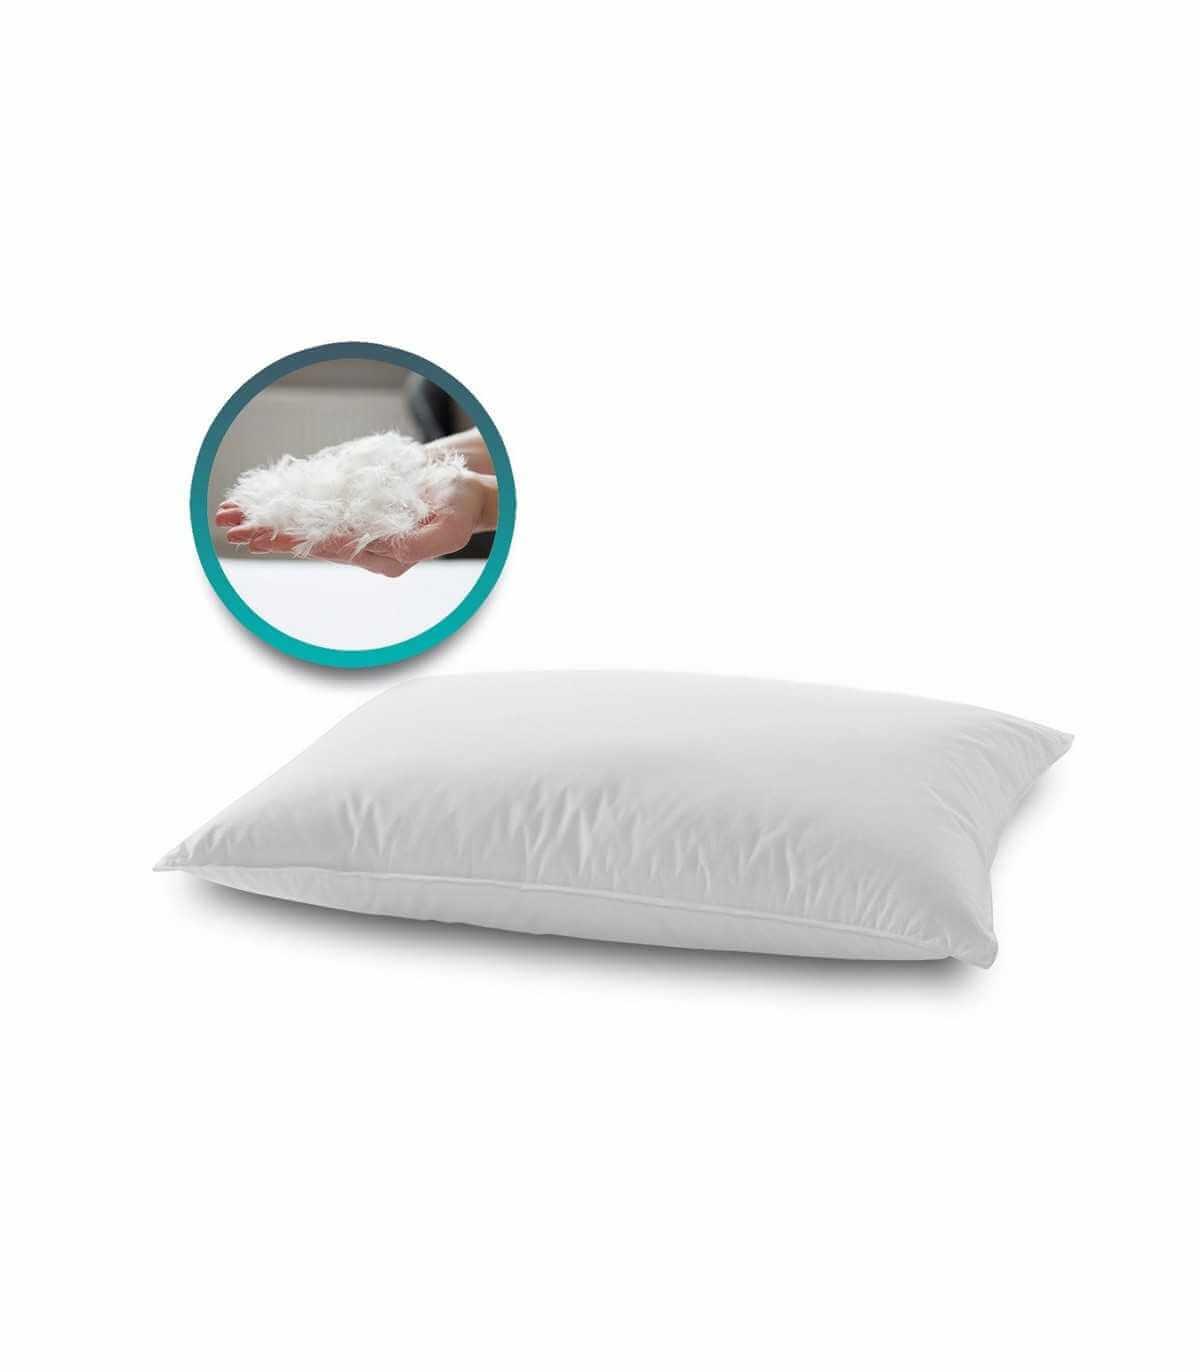 Cuscino in piuma d'oca e piumino morbido con tessuto in cotone